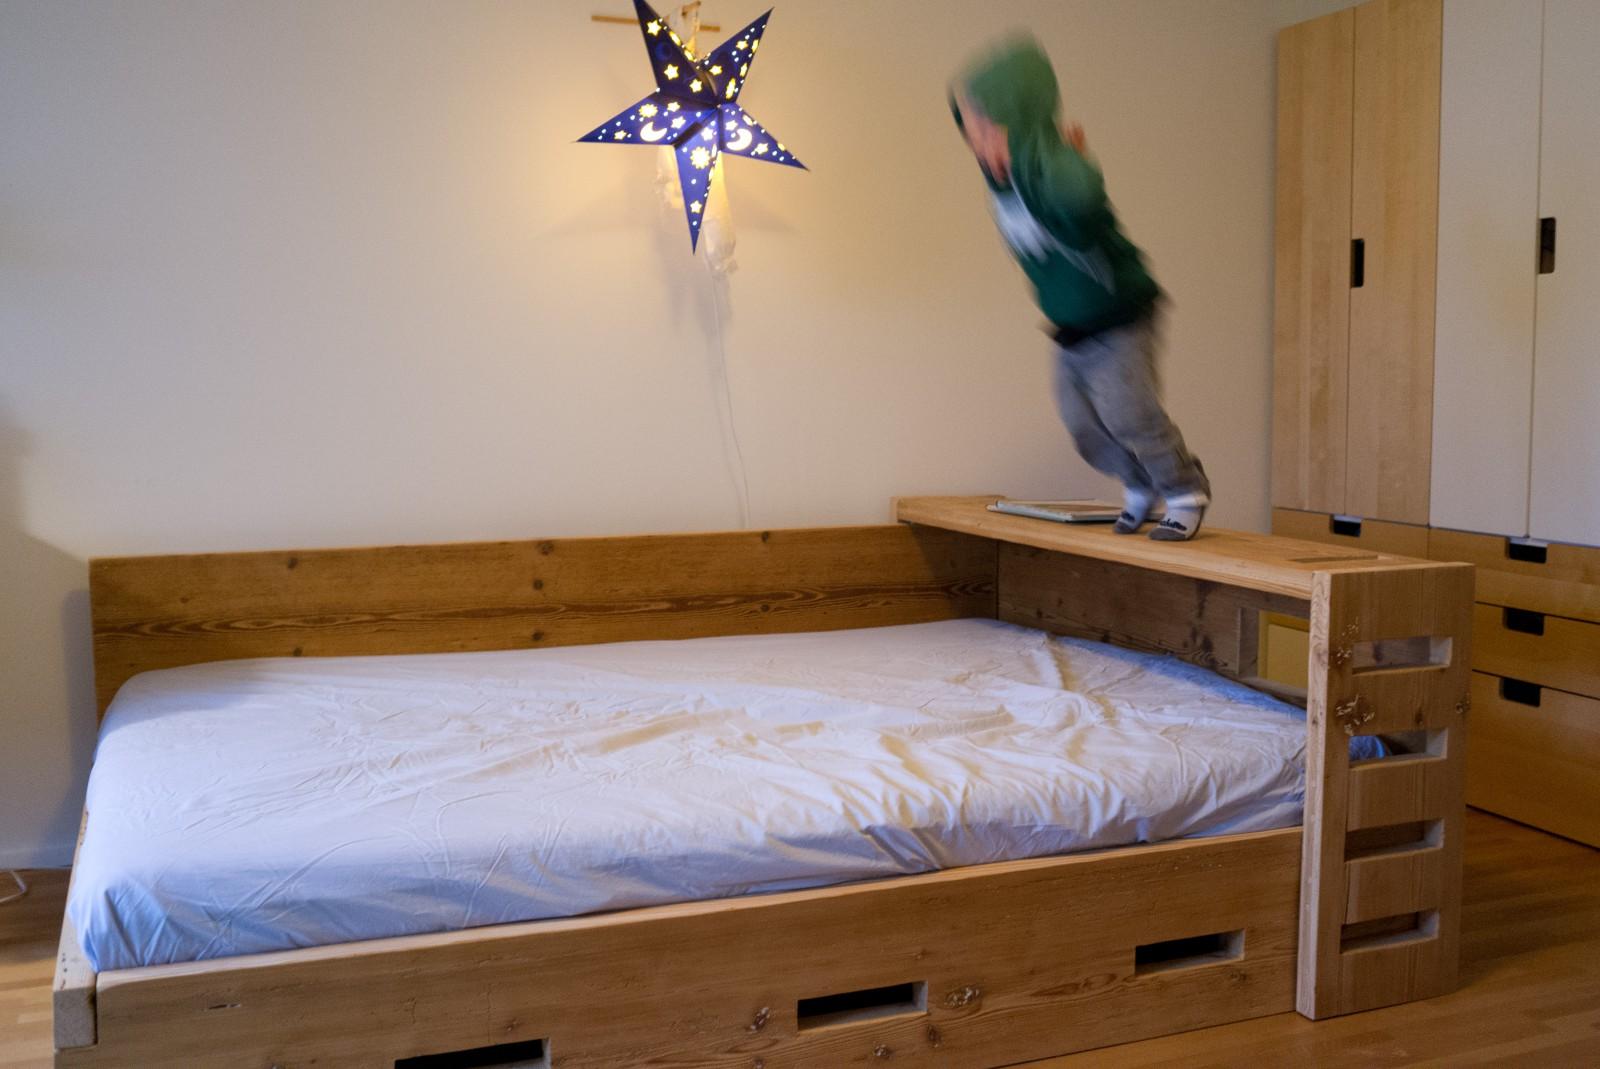 manum m bel aus altholz kinderbett aus altholz. Black Bedroom Furniture Sets. Home Design Ideas